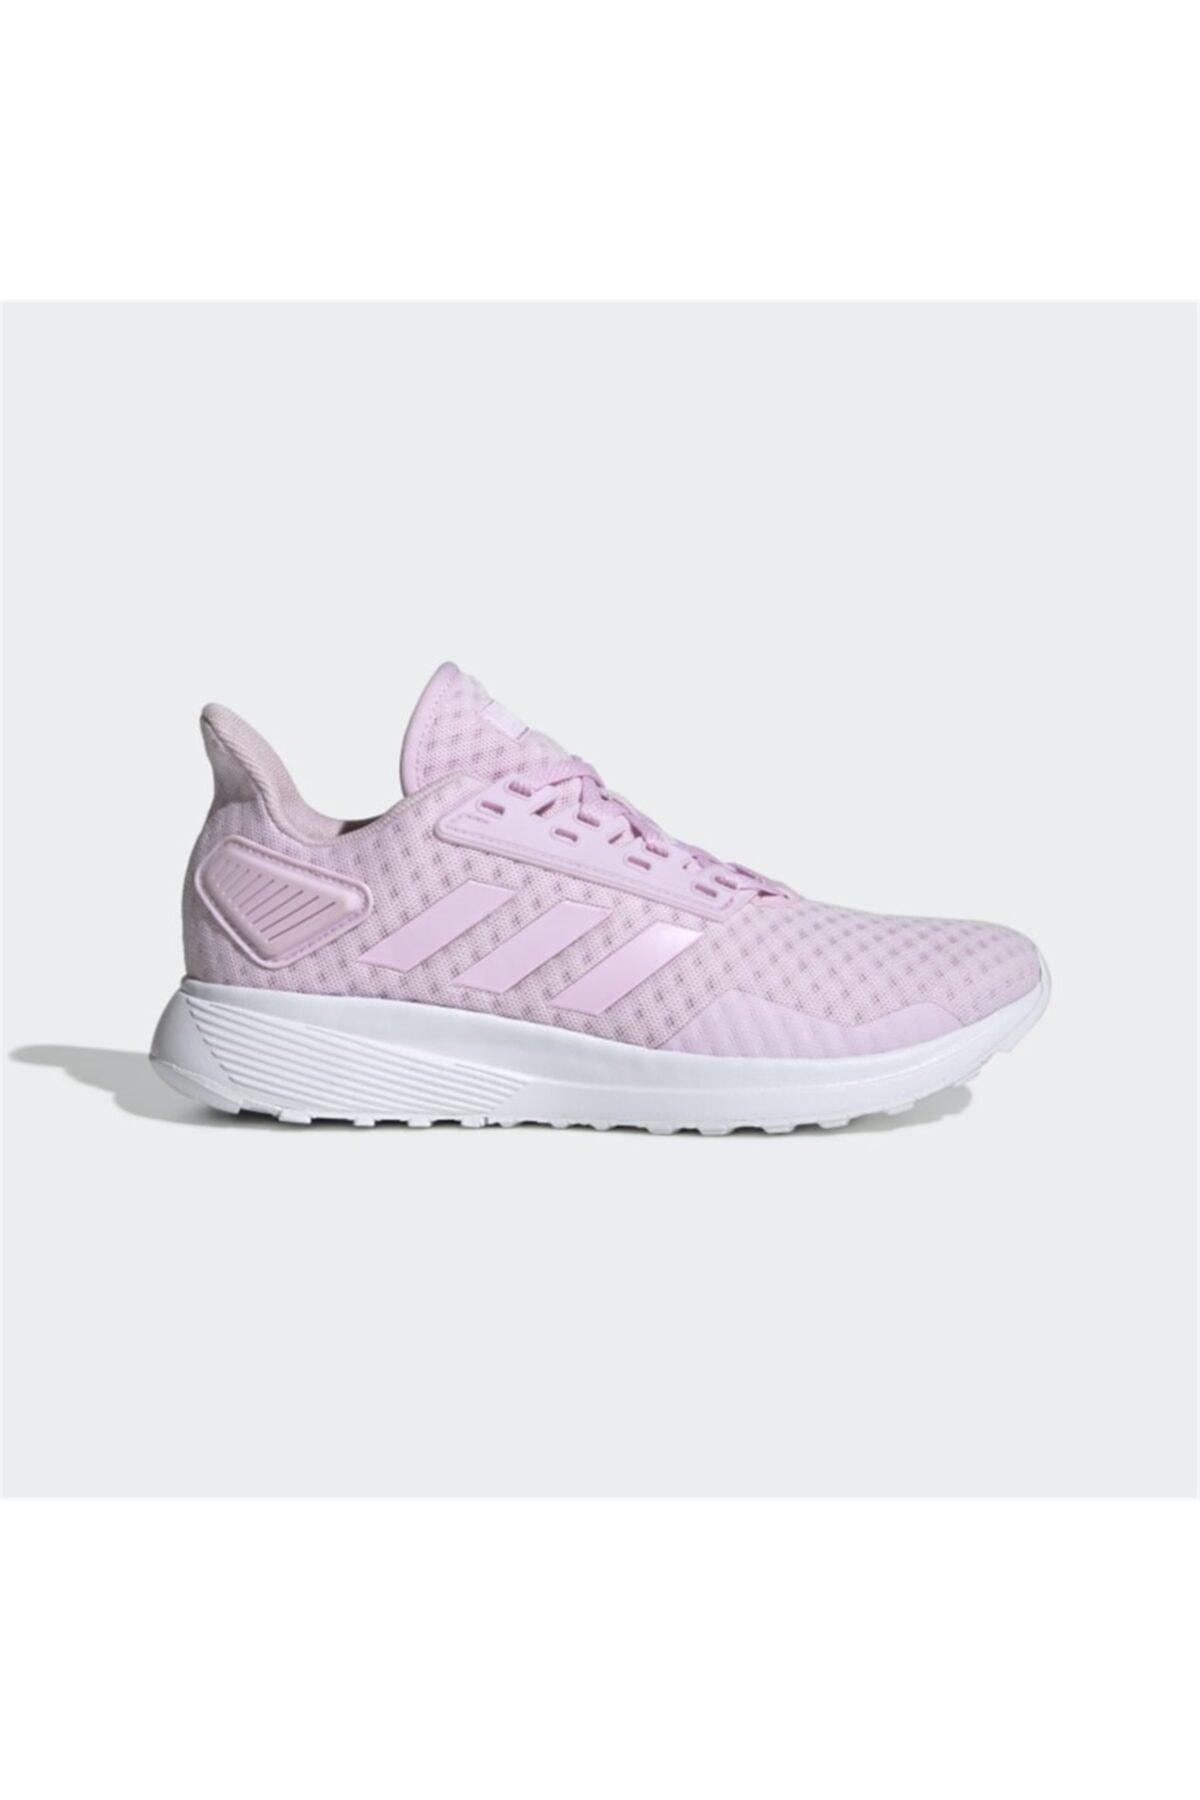 adidas DURAMO 9 Pembe Kadın Sneaker Ayakkabı 100575520 1